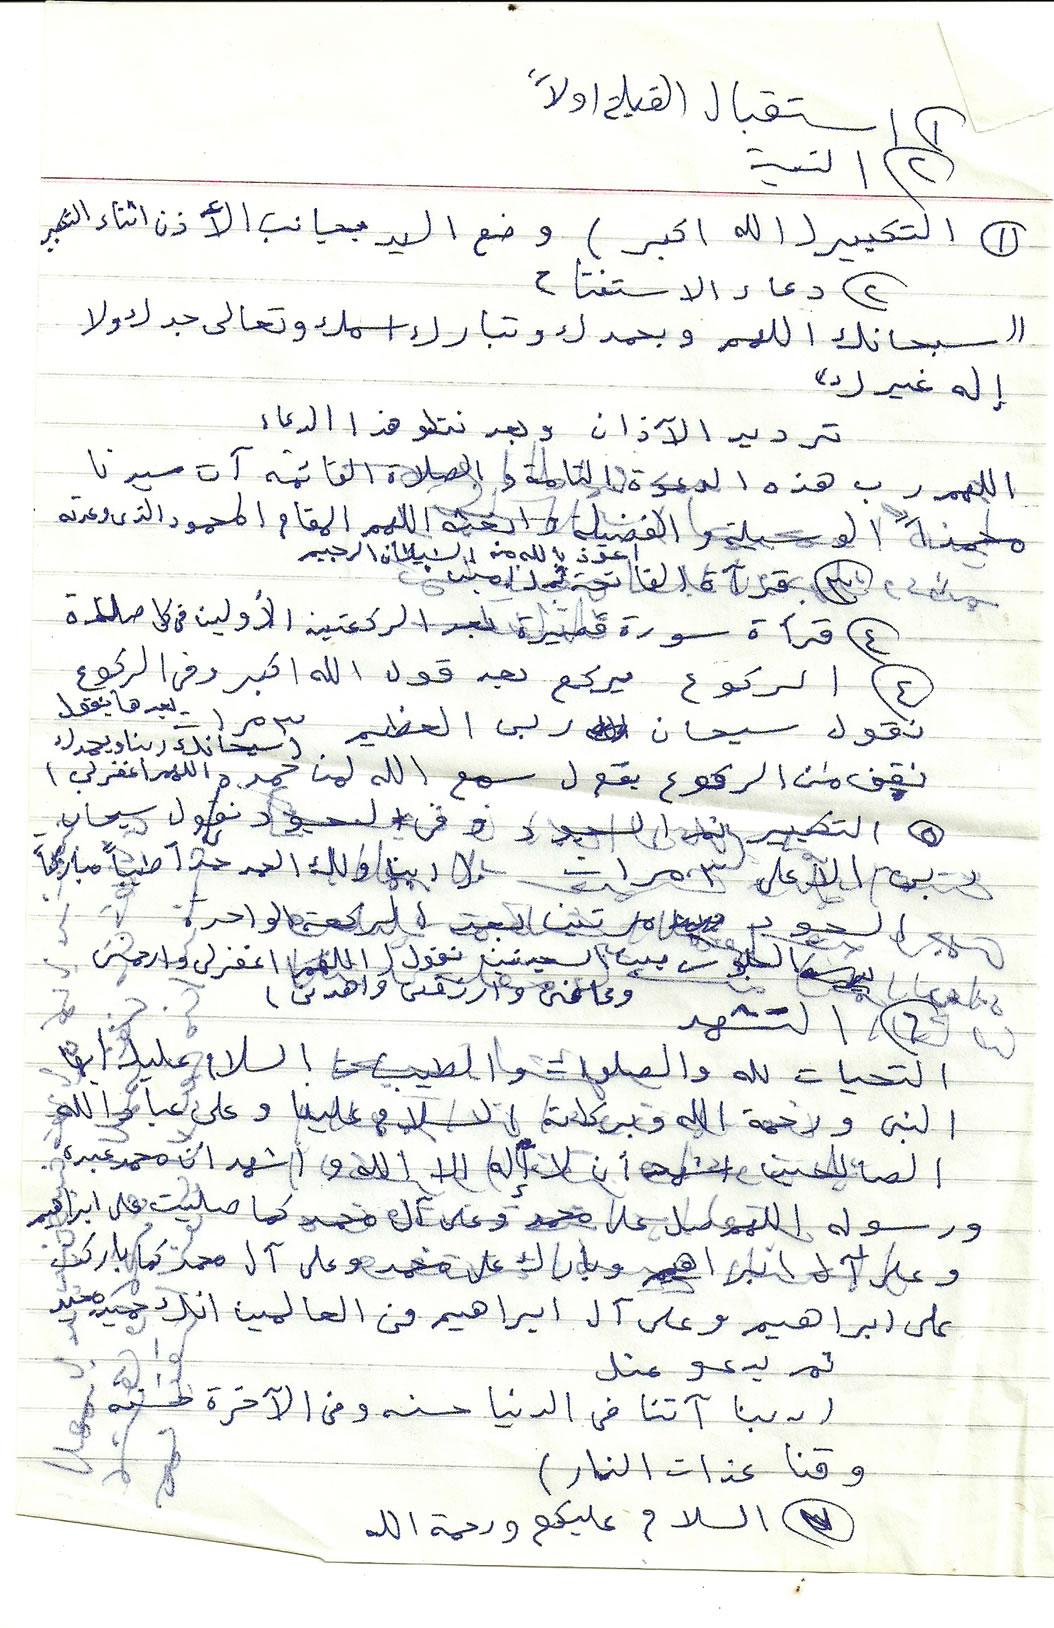 قصة إسلام الاخت كامليا شحاته رمز المرحلة !  Hand-write2